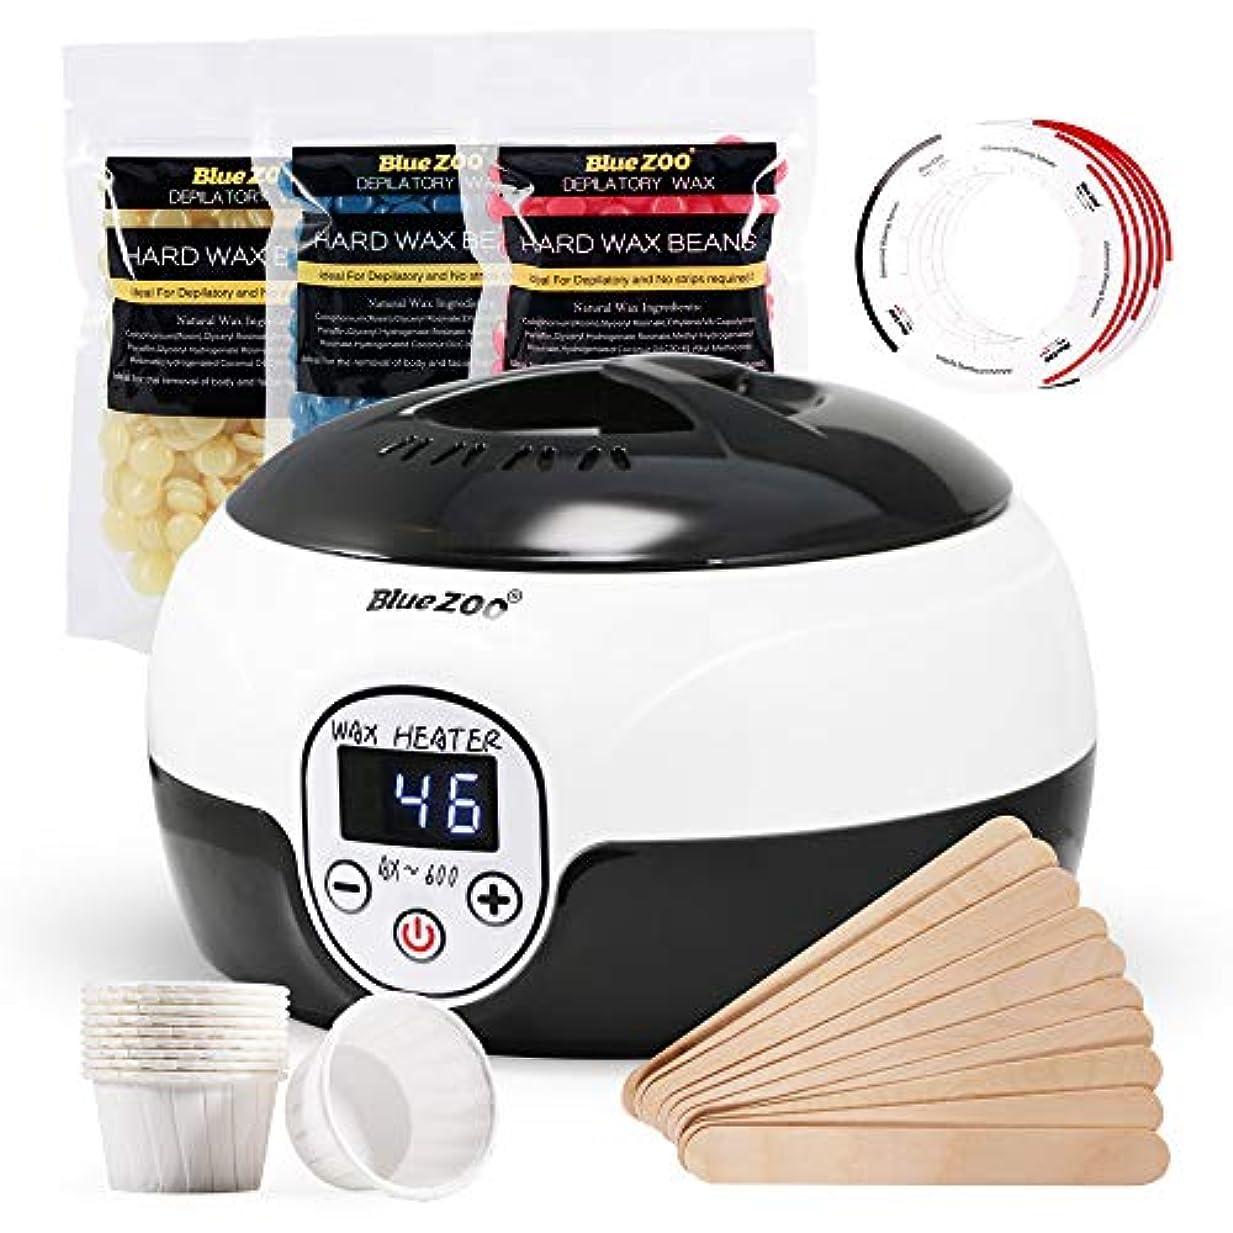 あたり好み記念BlueZOO Home Waxing Kit Wax Warmer for Body Face Bikini Area Legs Hair Removal with 3 Packs of Hard Wax Beans...